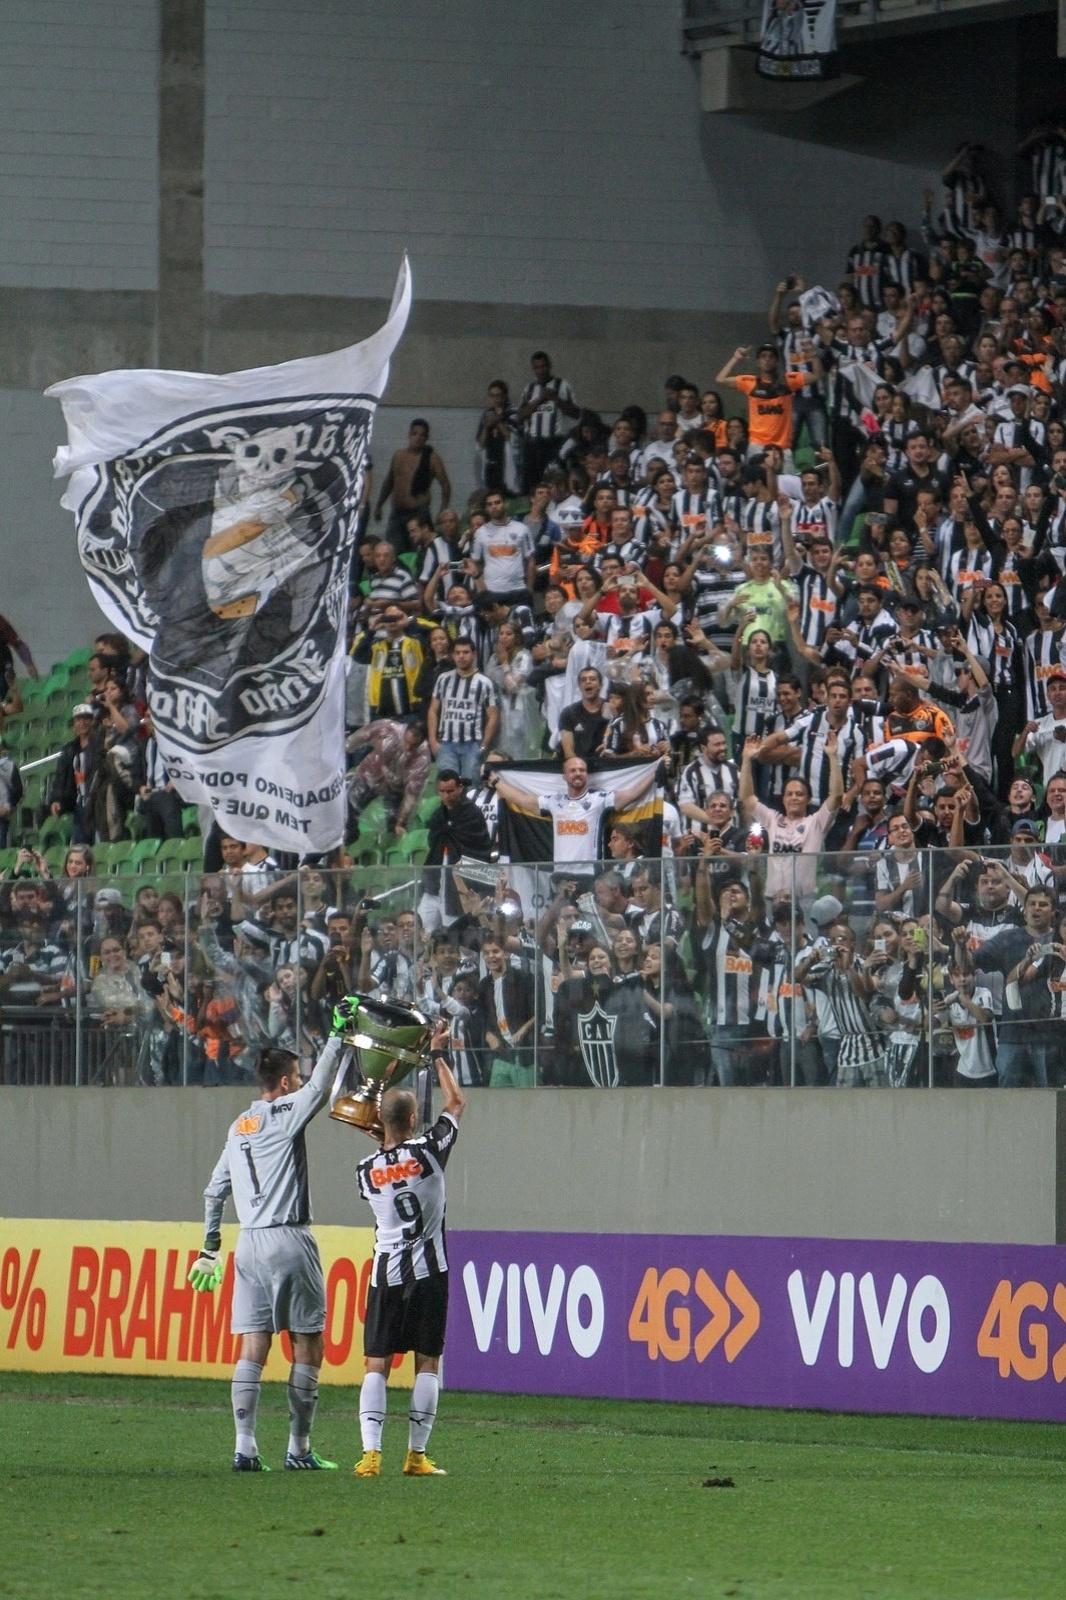 Victor e Diego Tardelli exibem troféu de campeão da Copa do Brasil 2014 para a torcida do Atlético-MG